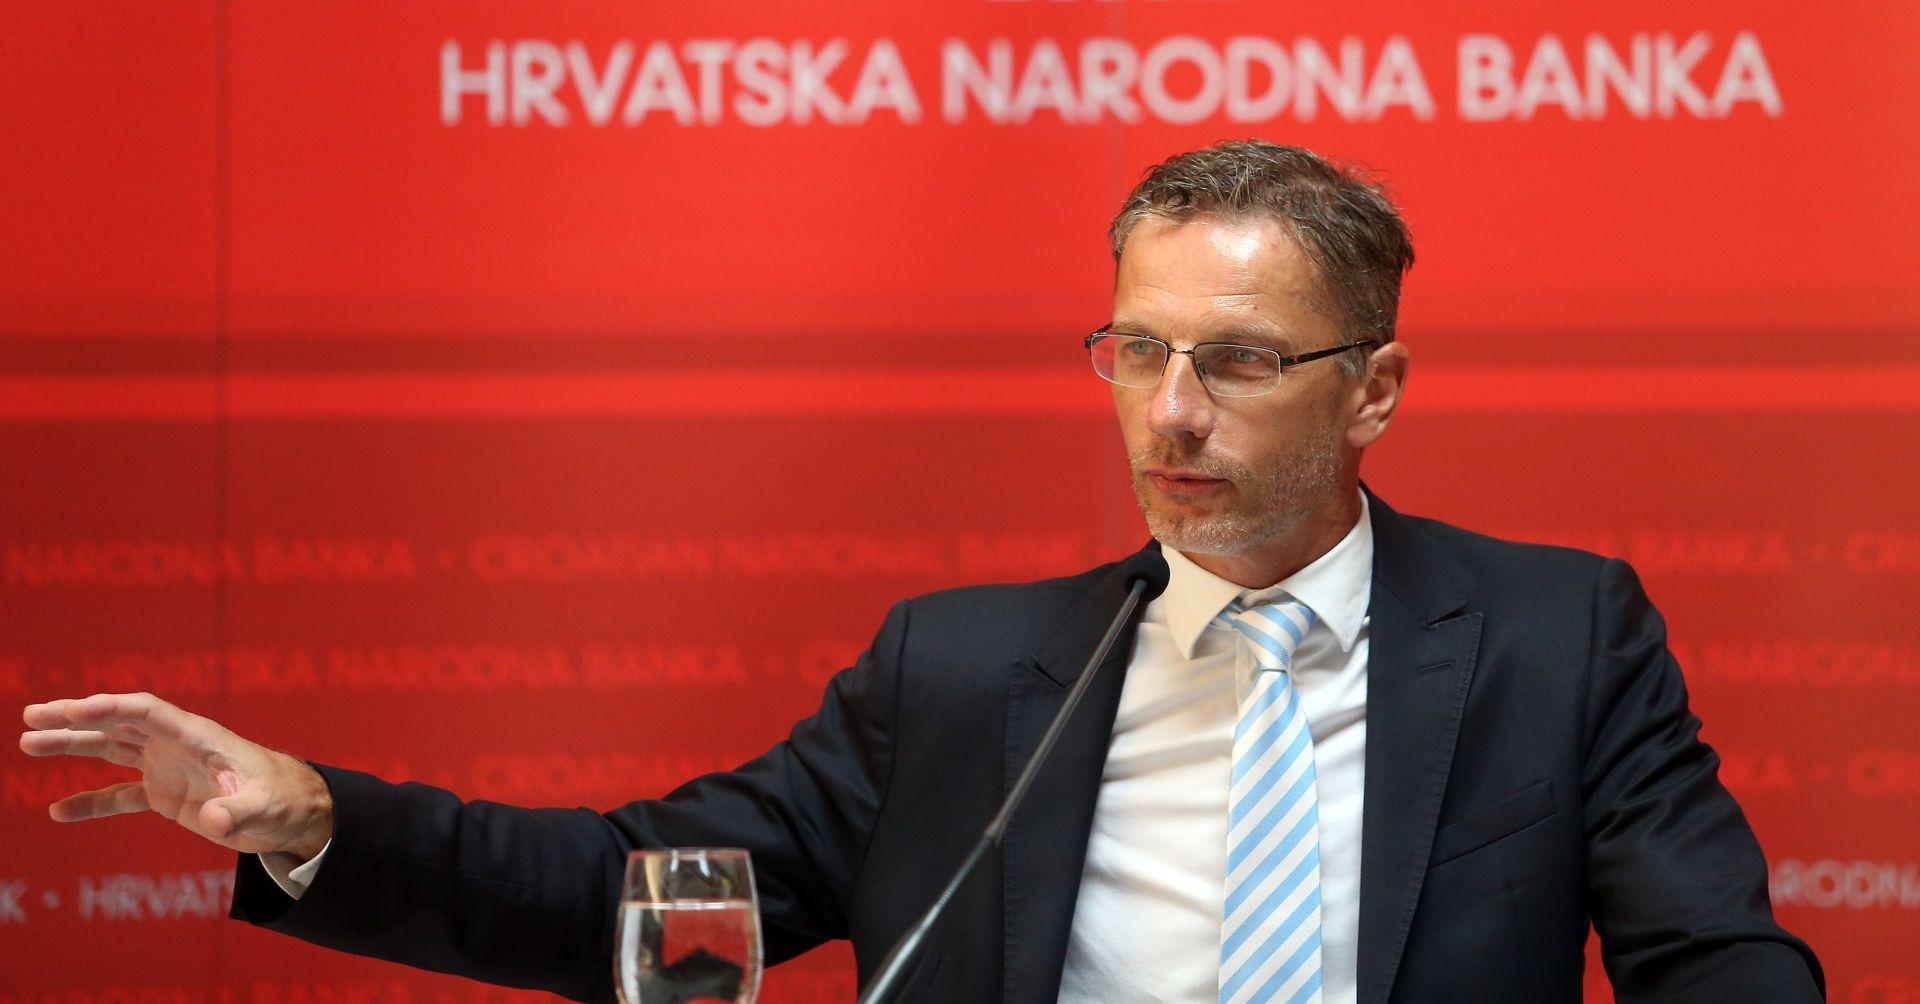 HNB objavio koliko je guverner Boris Vujčić potrošio na putovanja